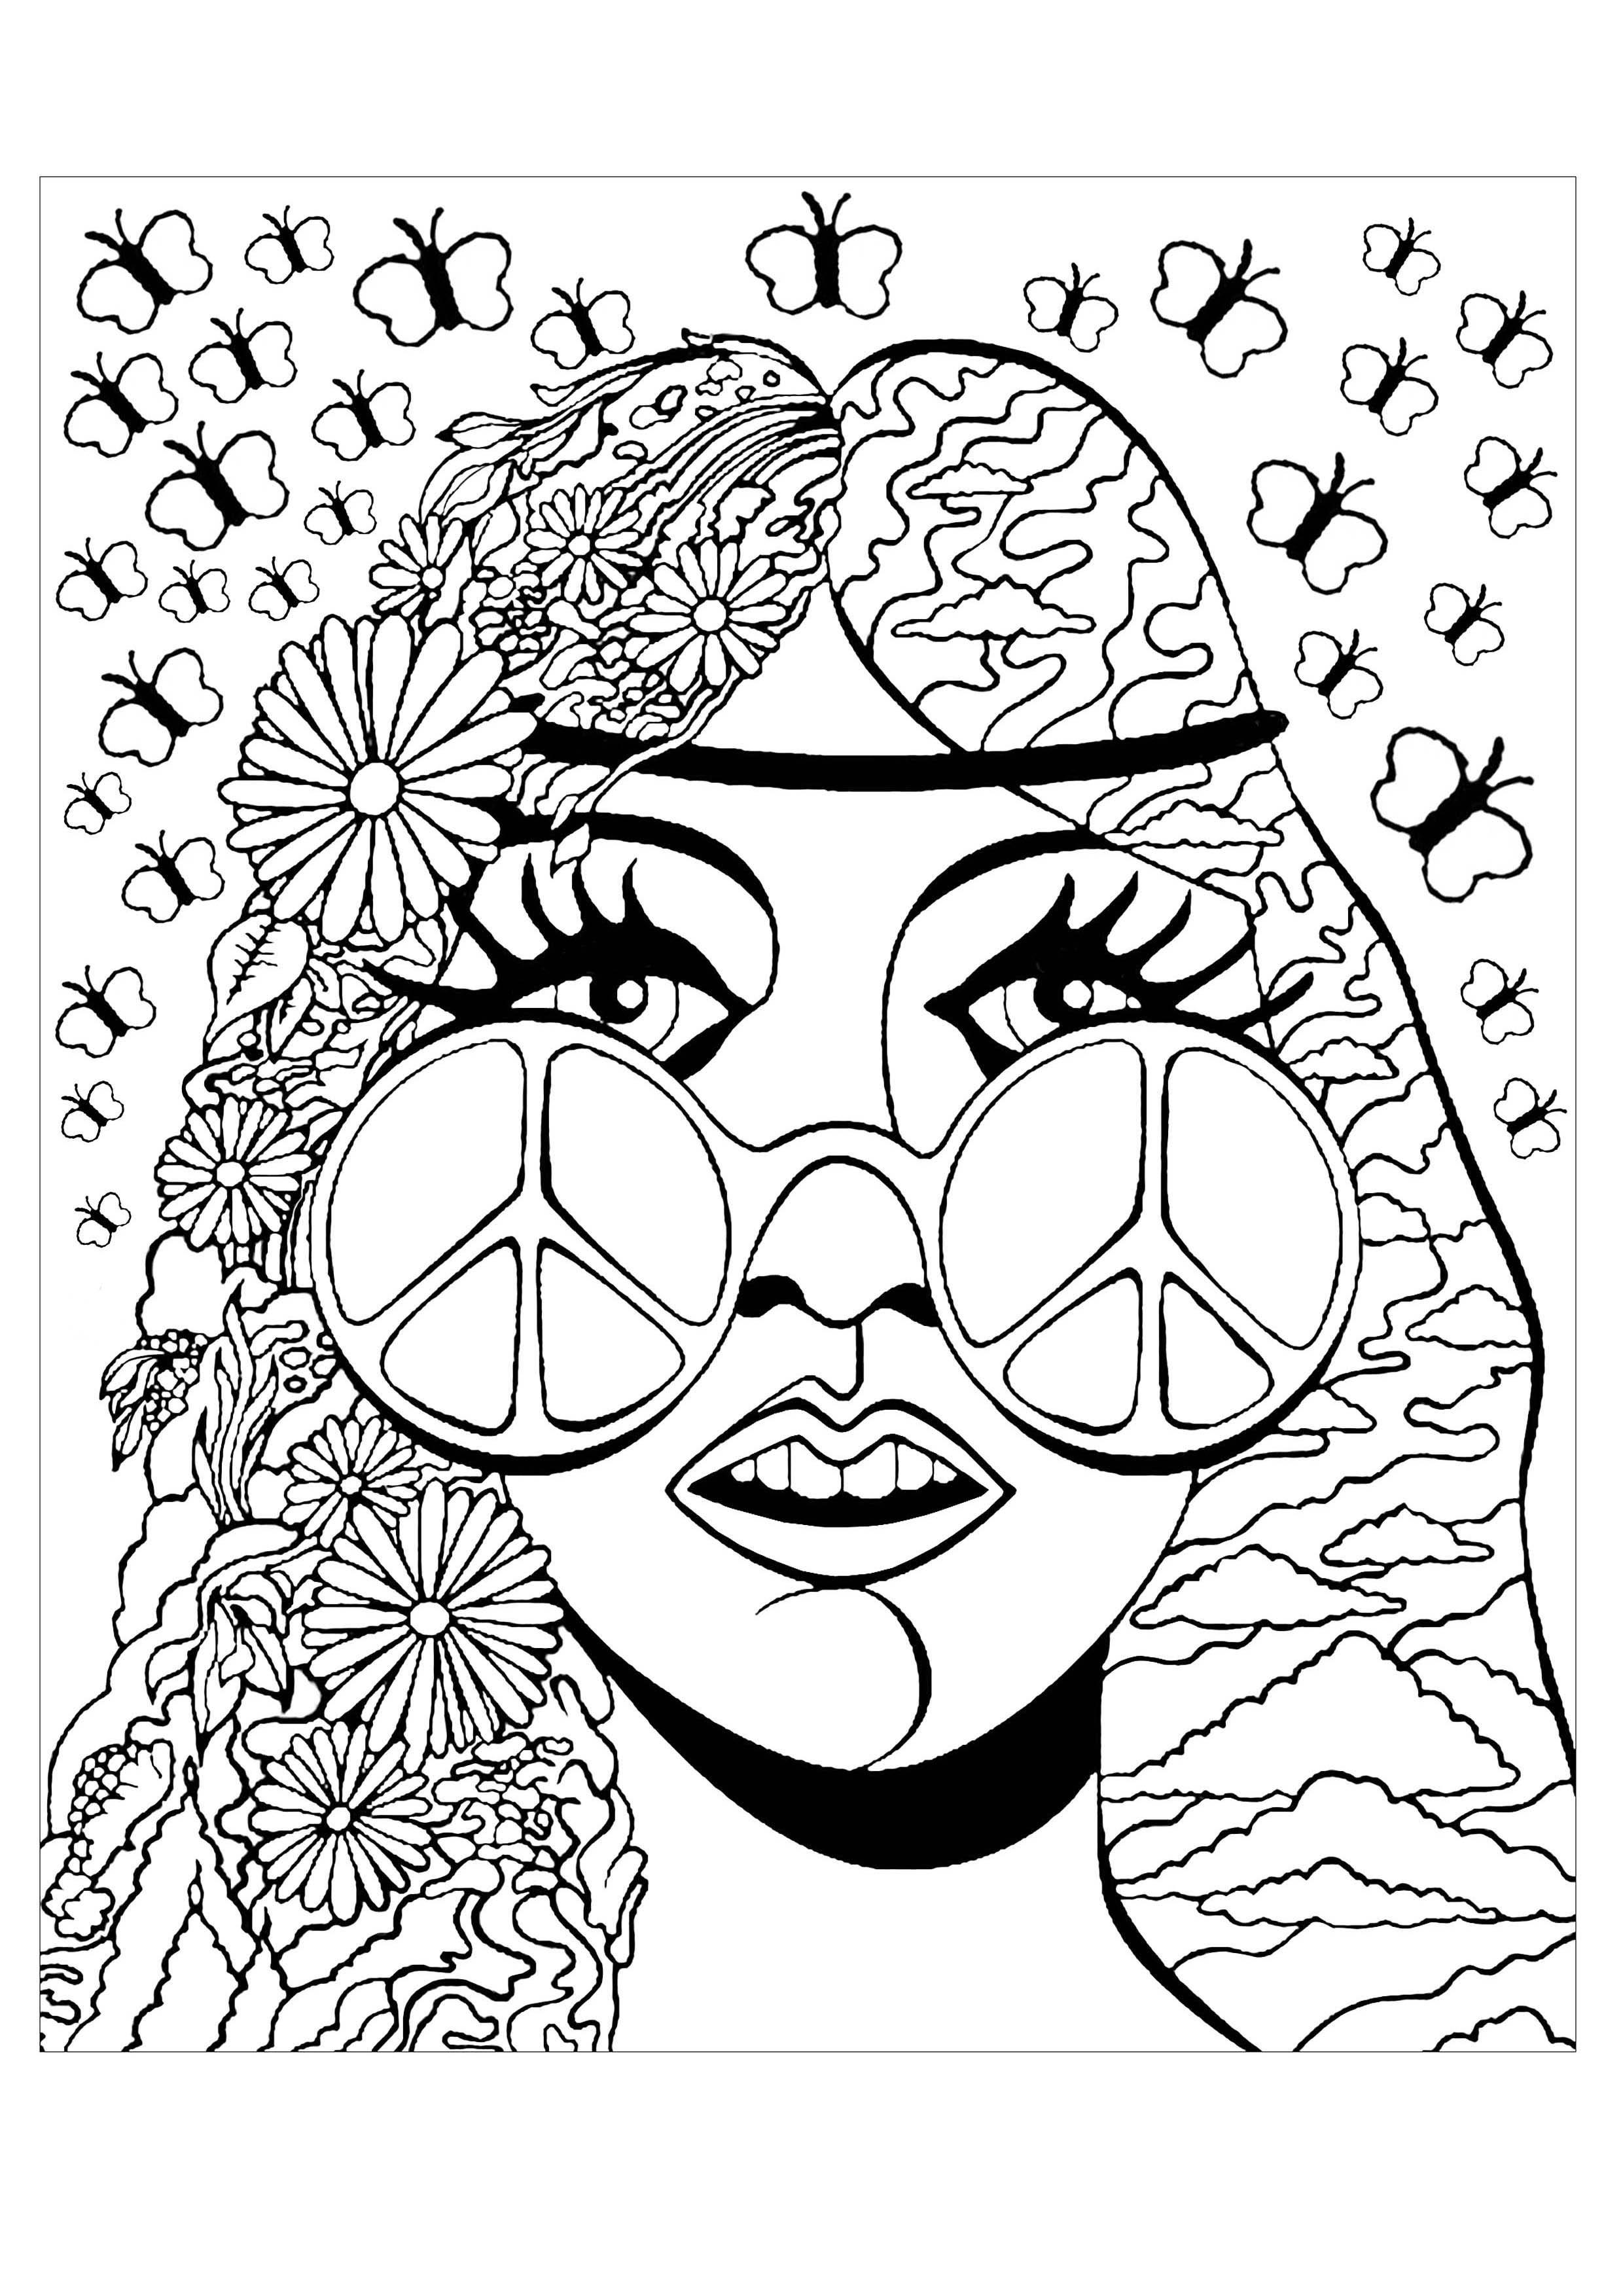 Ausgezeichnet Psychedelische Hippie Malvorlagen Galerie ...